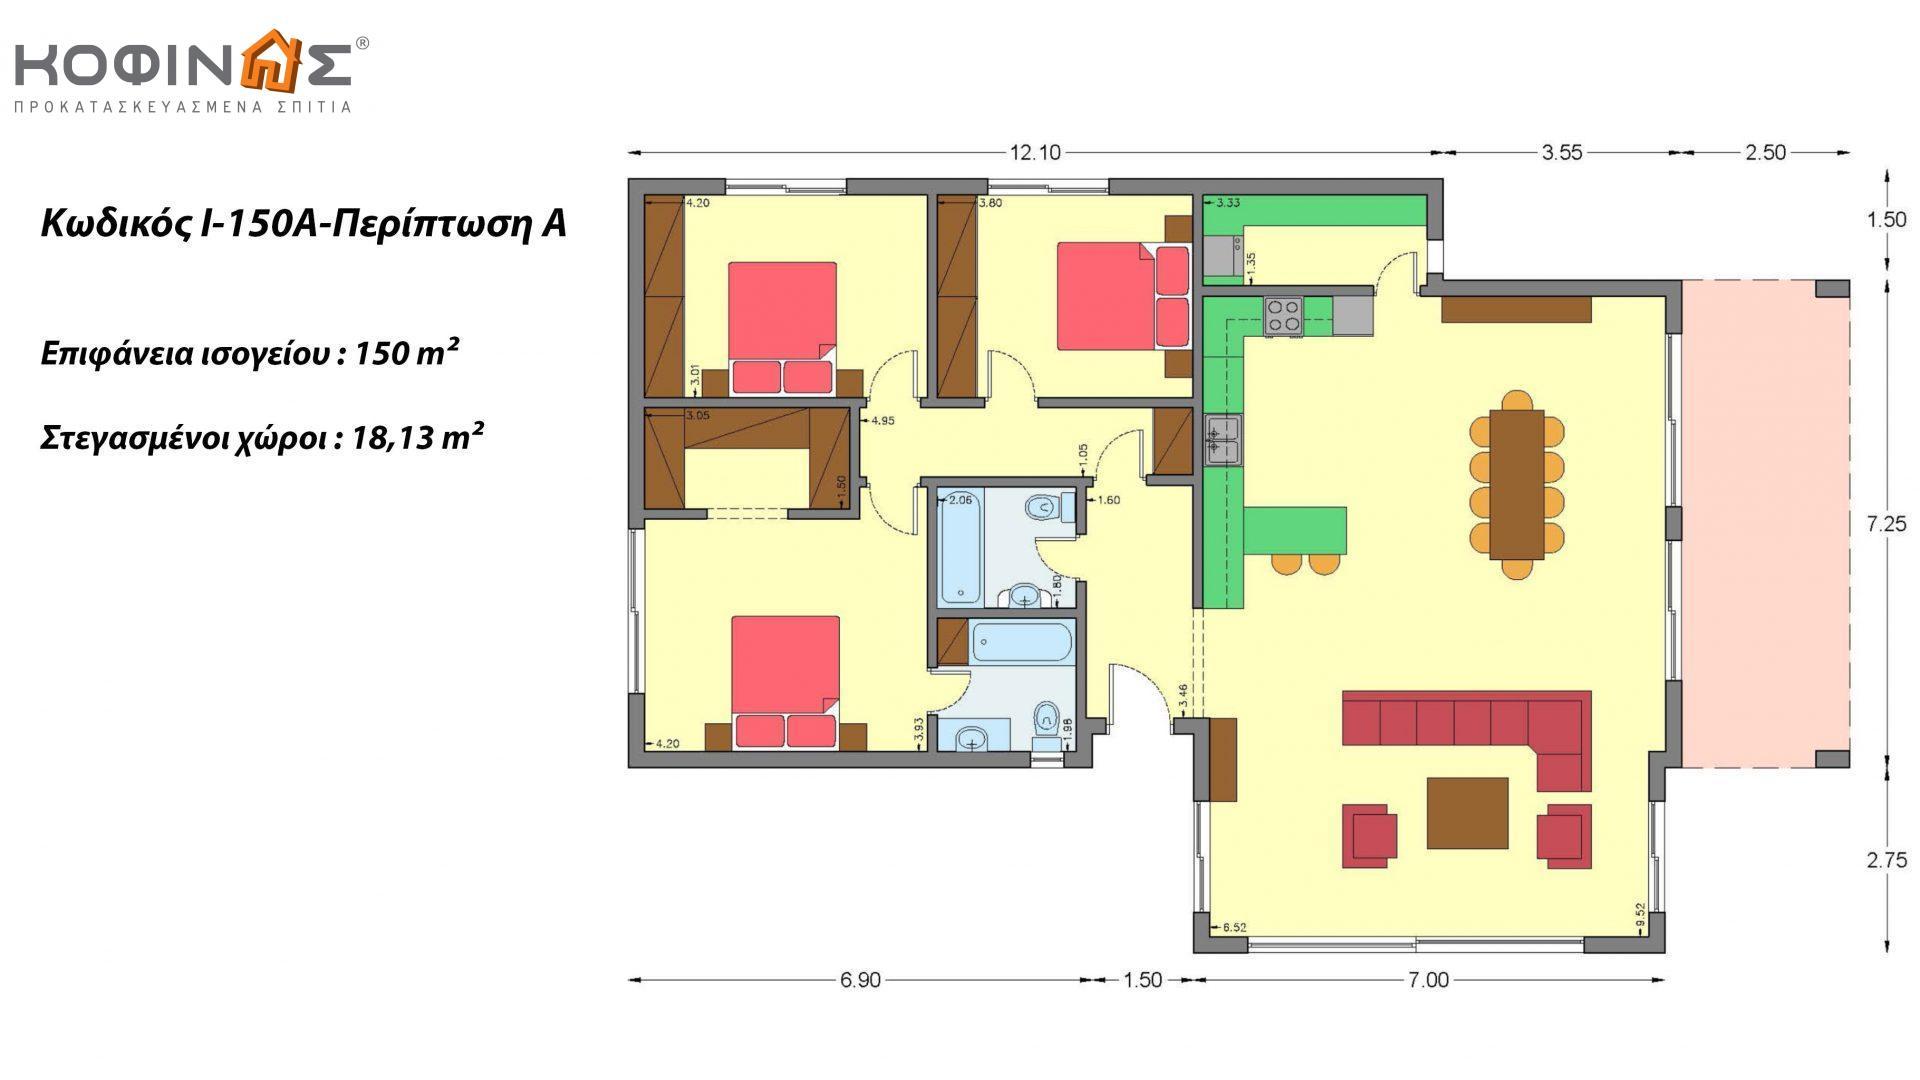 Ισόγεια Κατοικία I-150A, συνολικής επιφάνειας 150 τ.μ., στεγασμένοι χώροι 18,13 τ.μ.